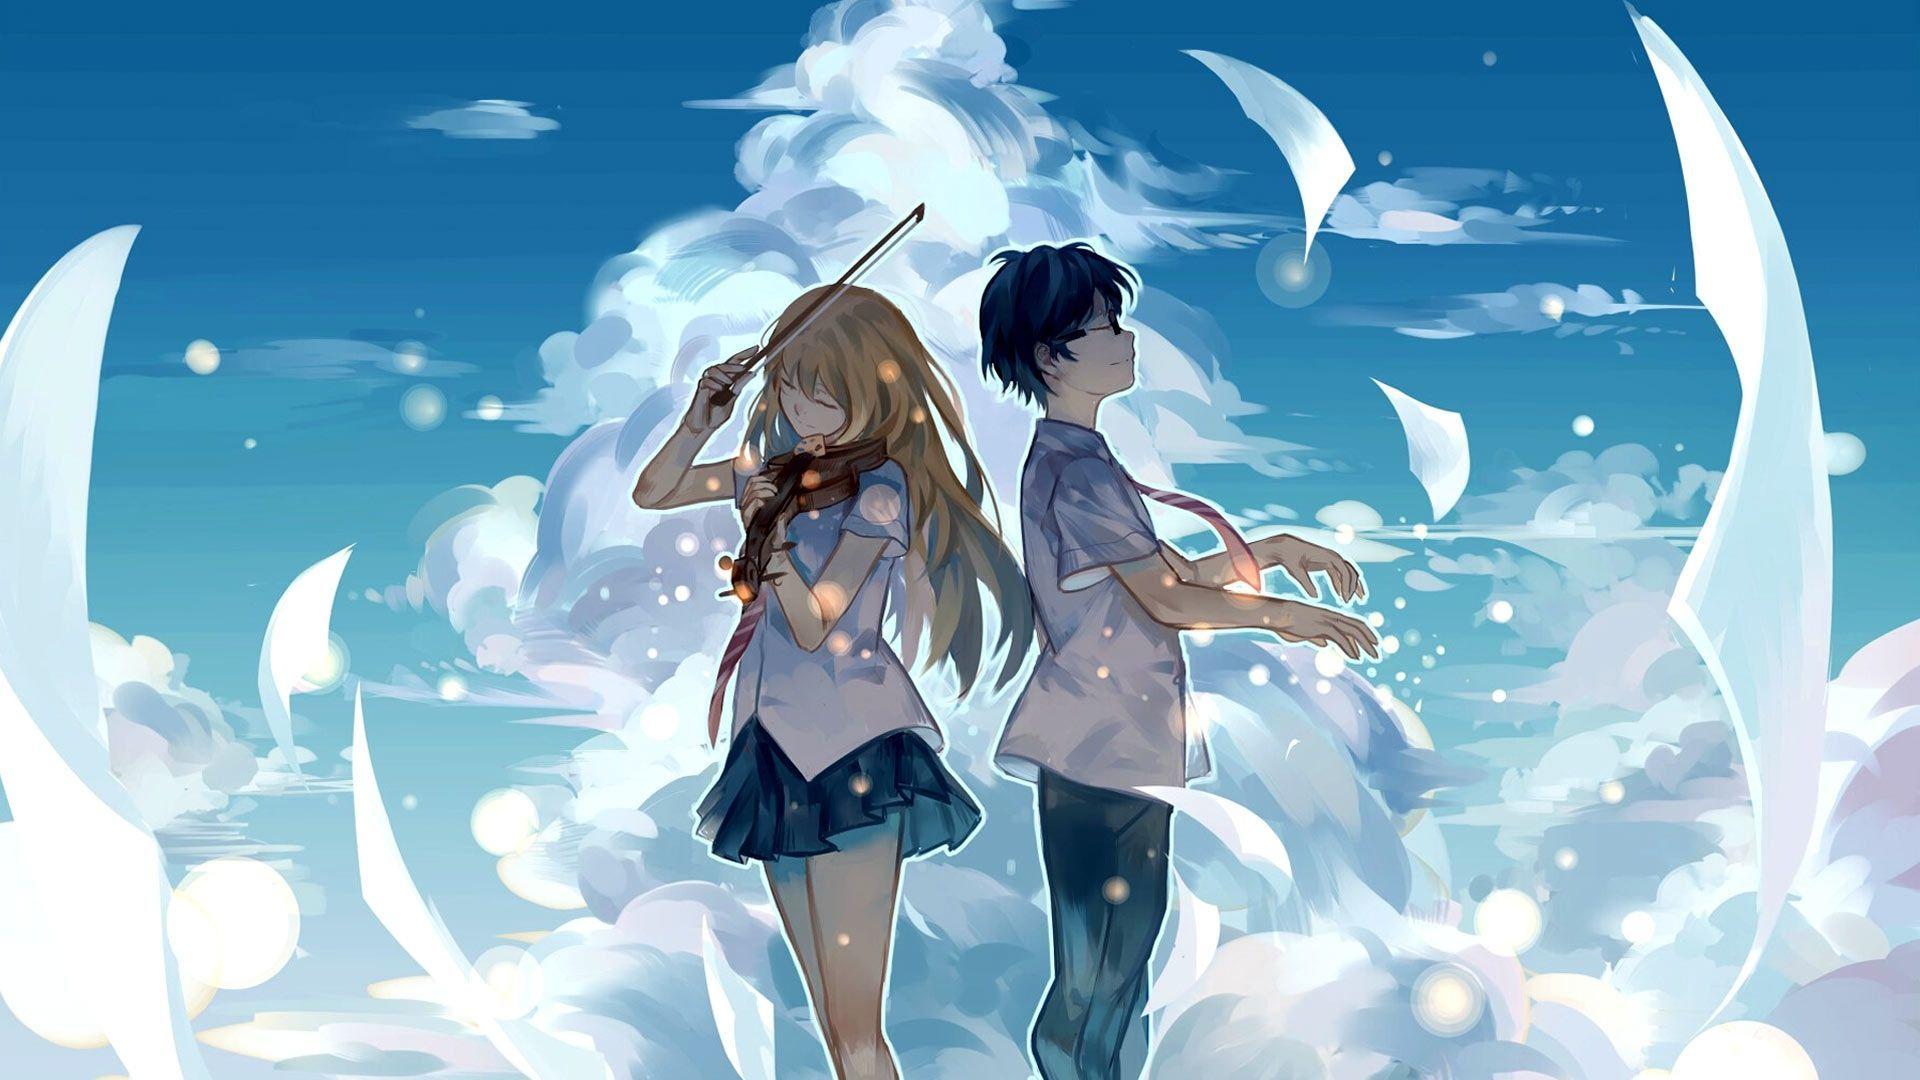 Anime Anime Wallpapers   Top Anime Anime Backgrounds 1920x1080